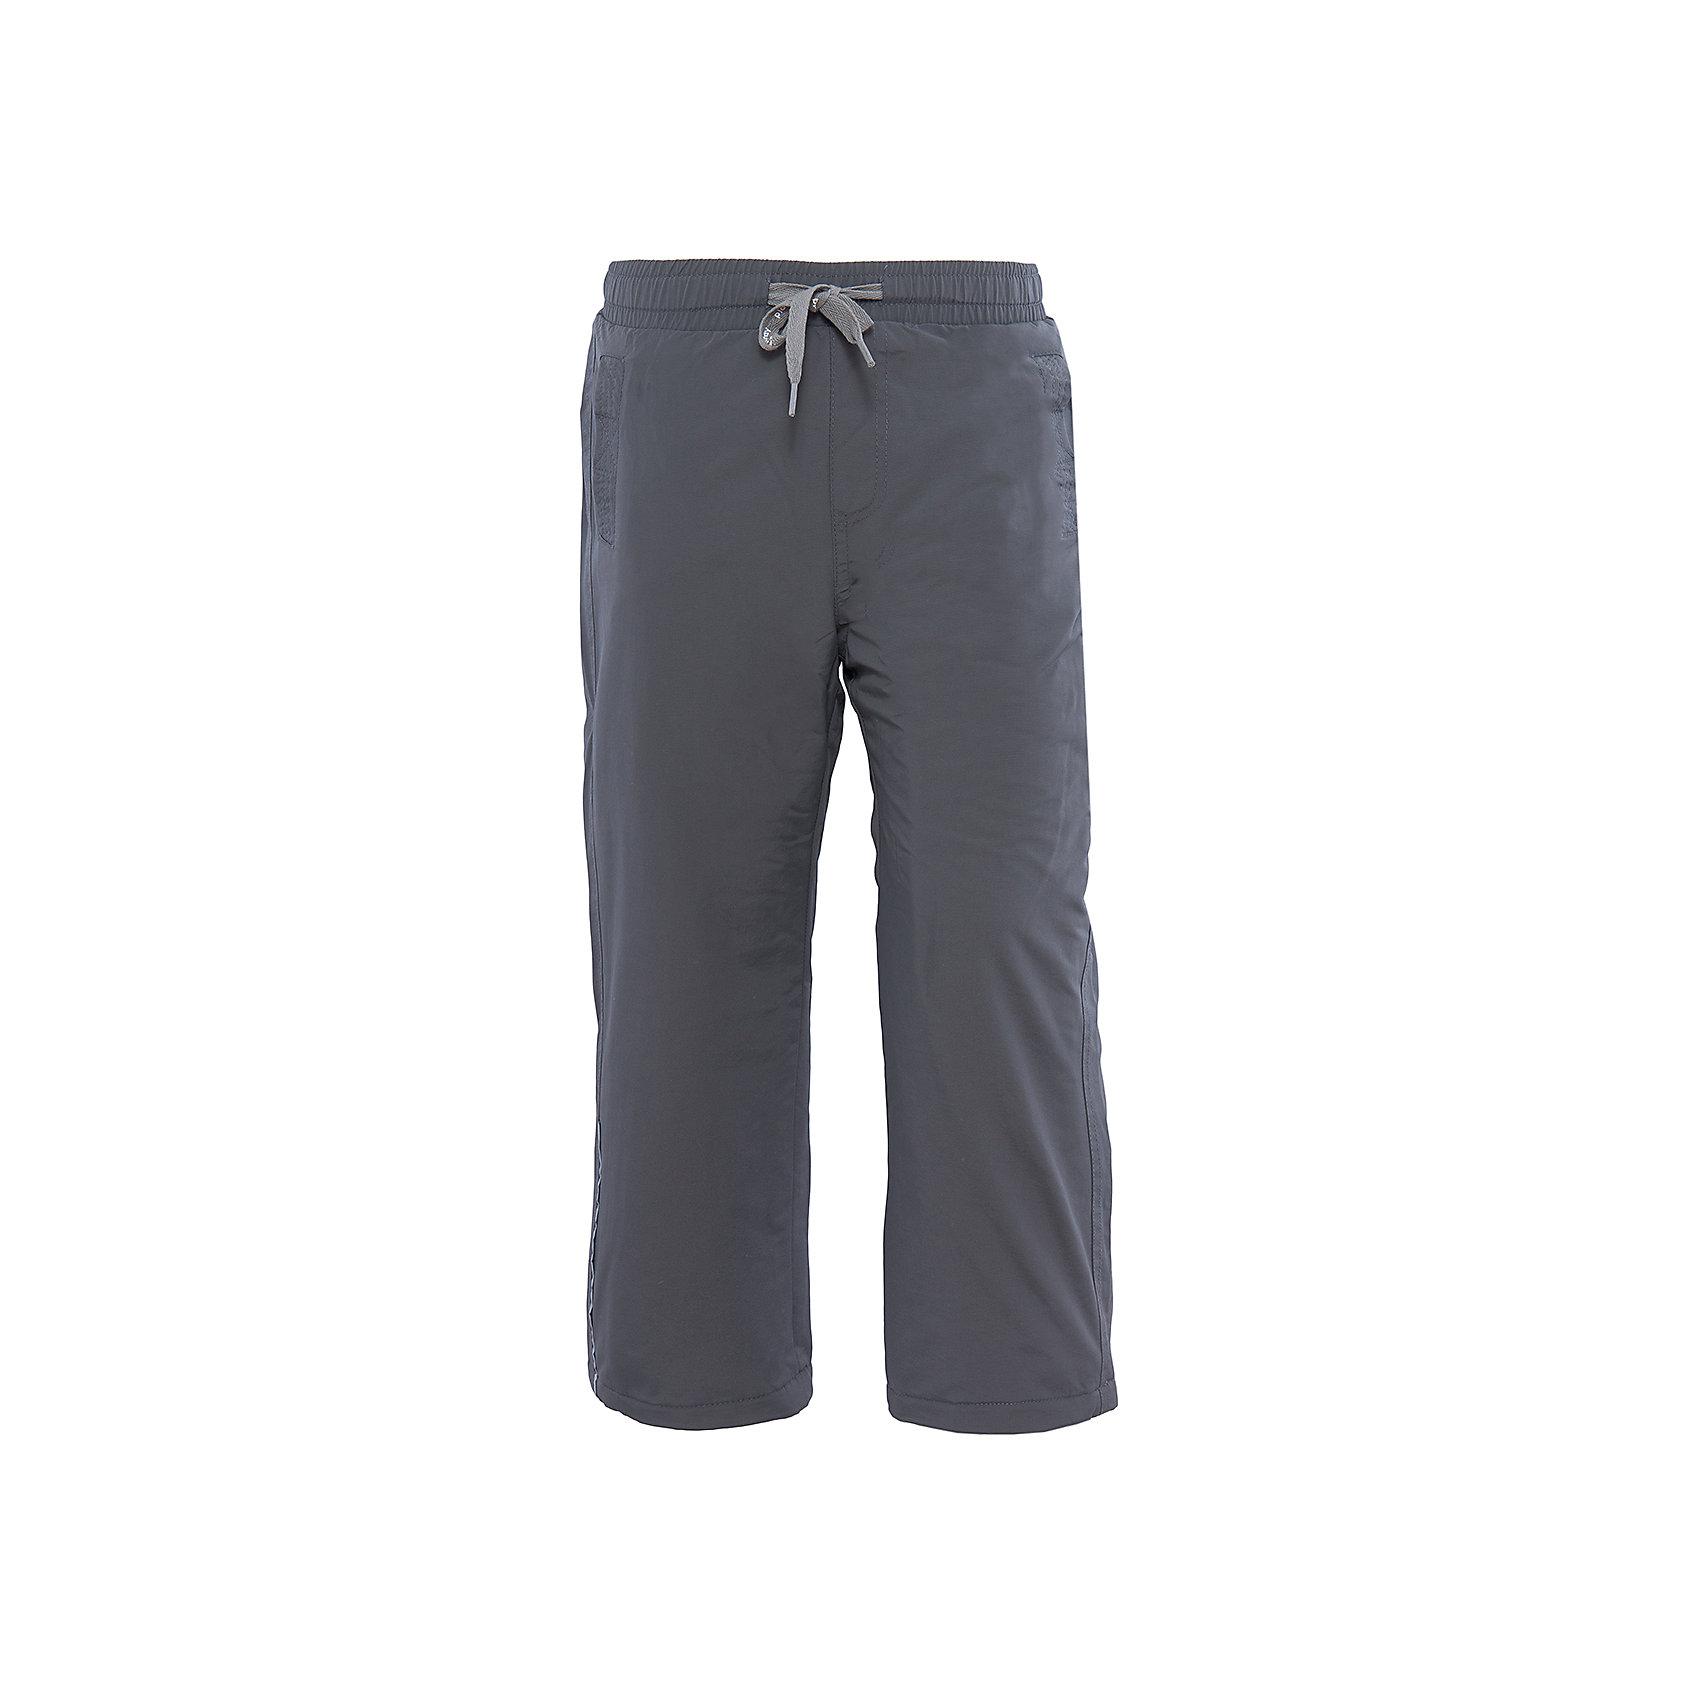 Брюки для мальчика PlayTodayВерхняя одежда<br>Брюки для мальчика от известного бренда PlayToday.<br>Стильные утепленные брюки цвета темный графит. Пояс на резинке, дополнительно регулируется тесьмой. Есть два кармана на липучках. Внутри уютная флисовая подкладка. Низ штанишек утягивается стопперами.<br>Состав:<br>Верх: 100% нейлон, подкладка: 100% полиэстер<br><br>Ширина мм: 215<br>Глубина мм: 88<br>Высота мм: 191<br>Вес г: 336<br>Цвет: серый<br>Возраст от месяцев: 36<br>Возраст до месяцев: 48<br>Пол: Мужской<br>Возраст: Детский<br>Размер: 104,122,128,110,116,98<br>SKU: 4896571